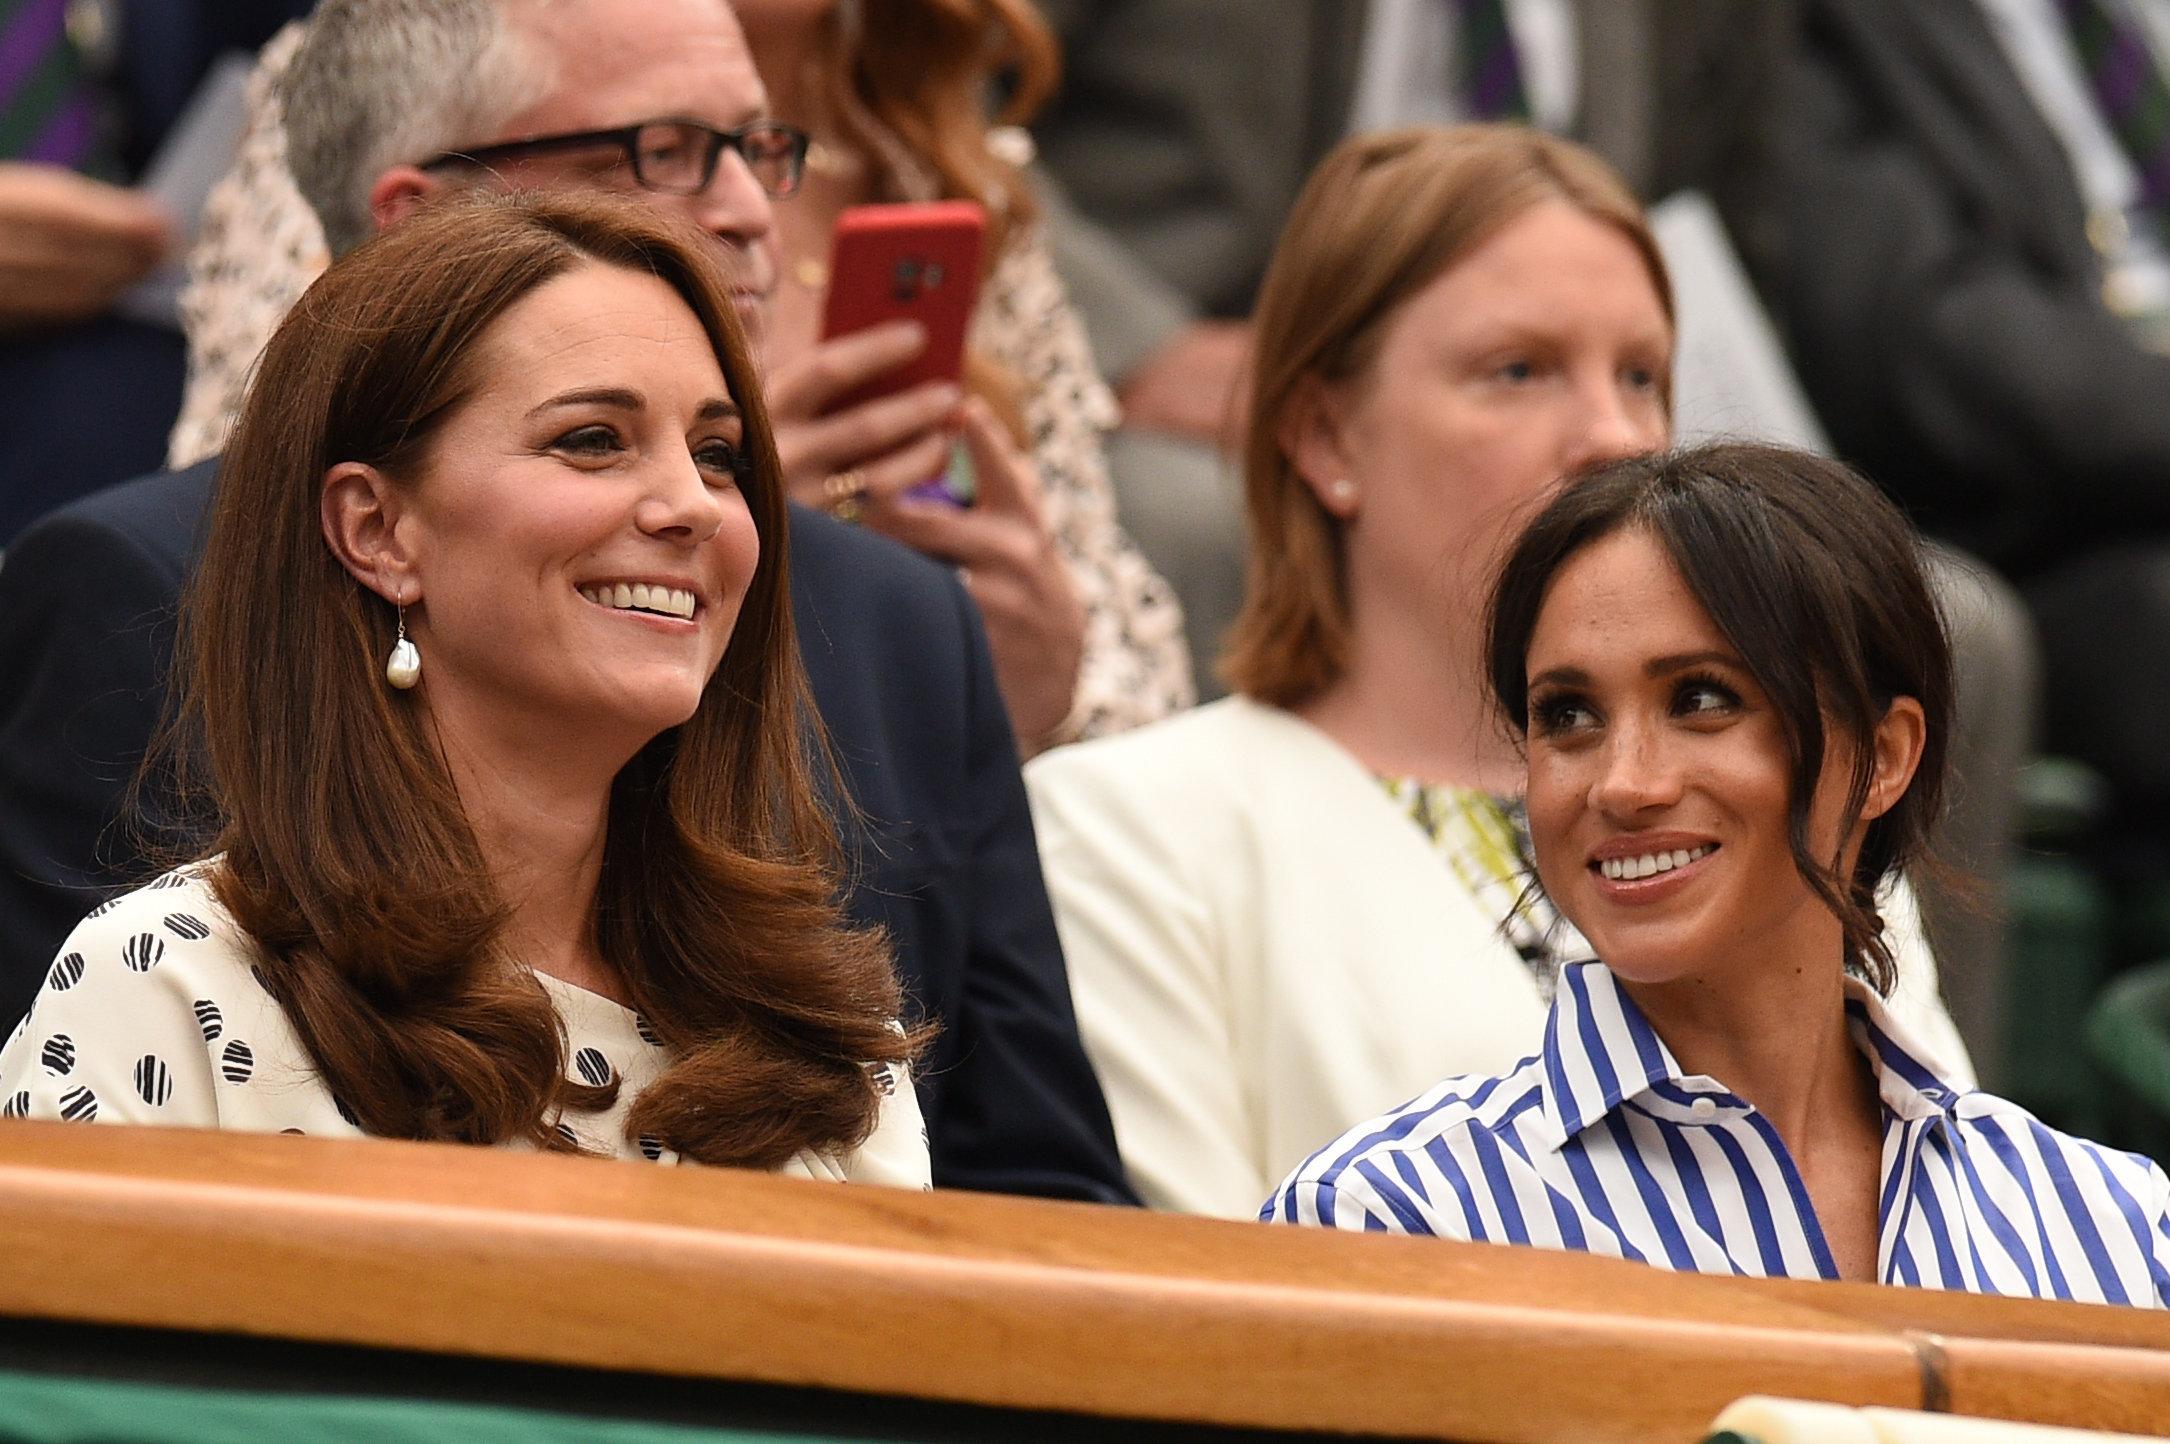 Herzogin Meghan & Herzogin Kate: Das ist den Royals ab 18 Uhr verboten